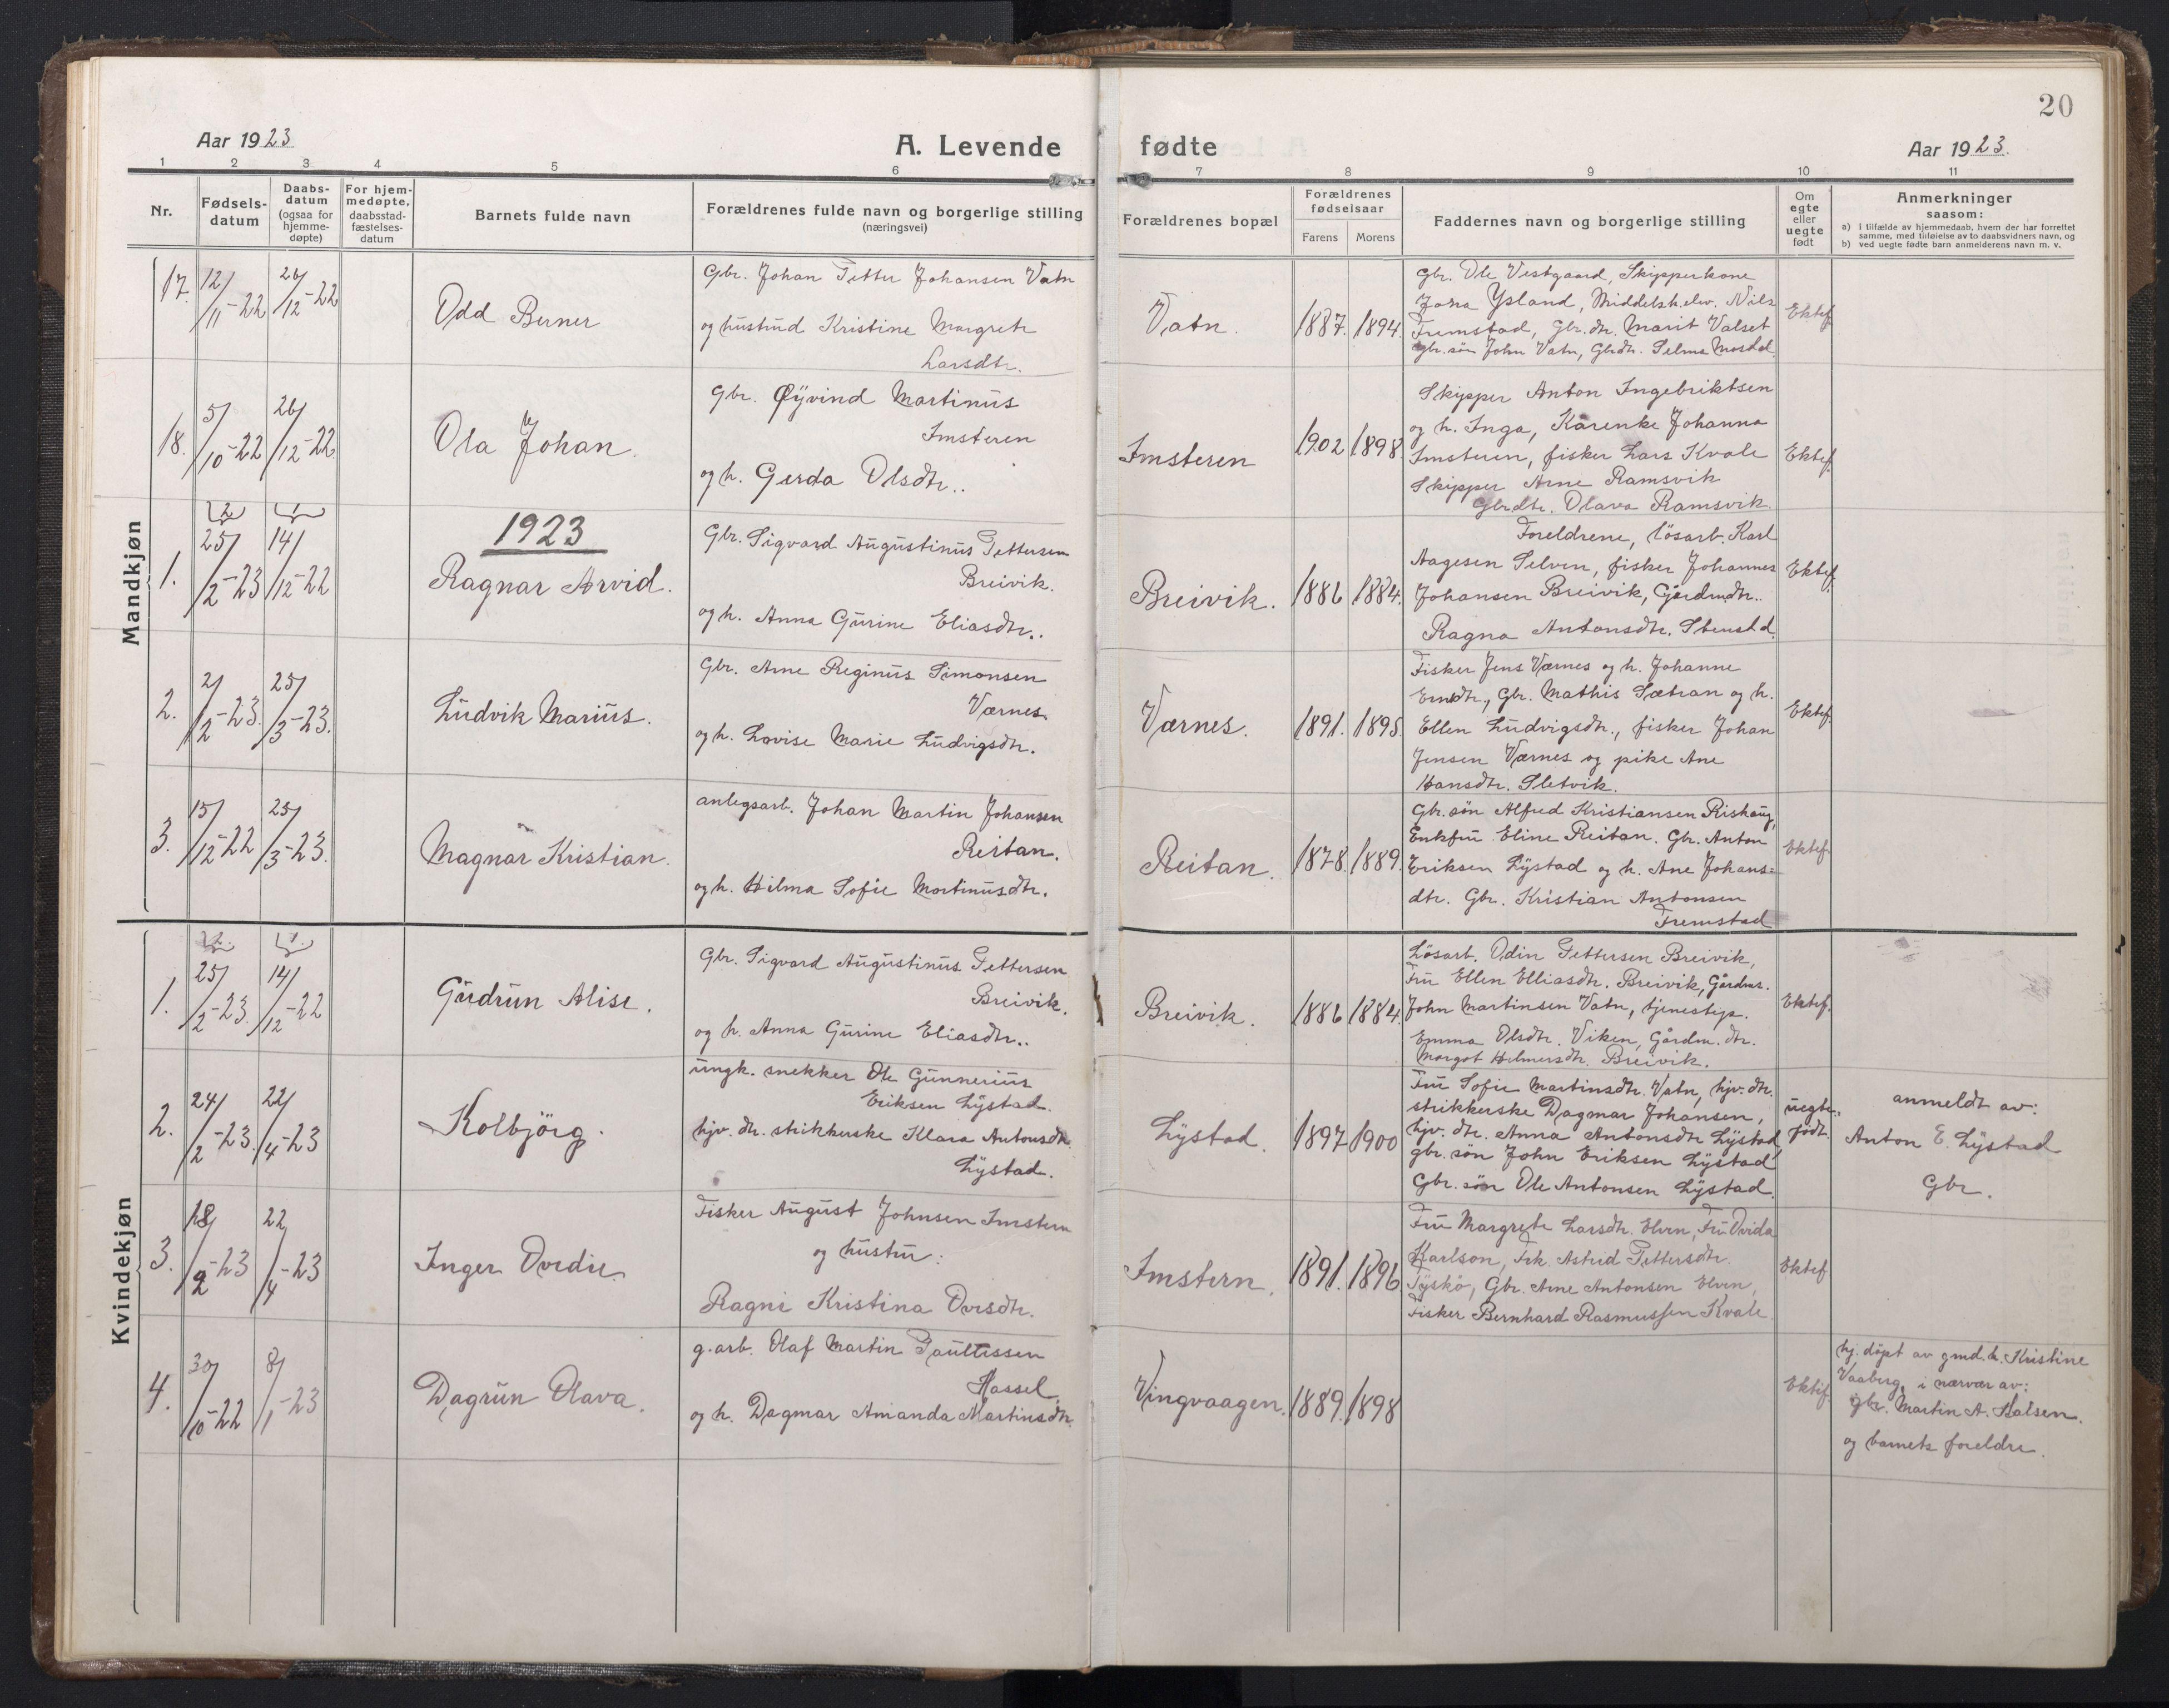 SAT, Ministerialprotokoller, klokkerbøker og fødselsregistre - Sør-Trøndelag, 662/L0758: Klokkerbok nr. 662C03, 1918-1948, s. 20